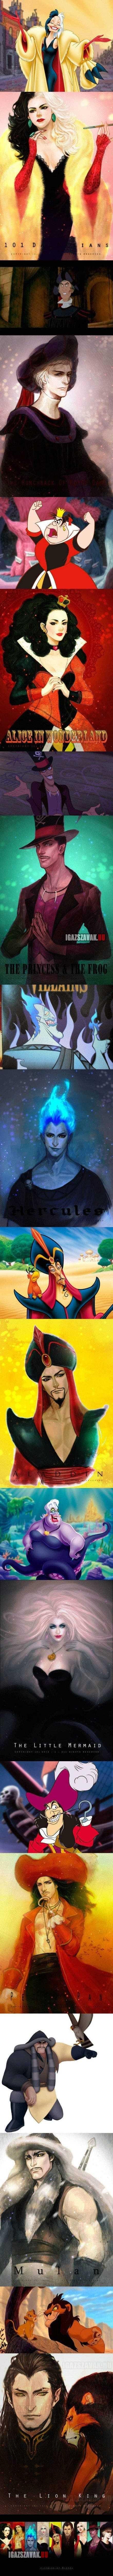 Disney szereplők kicsit másképpen